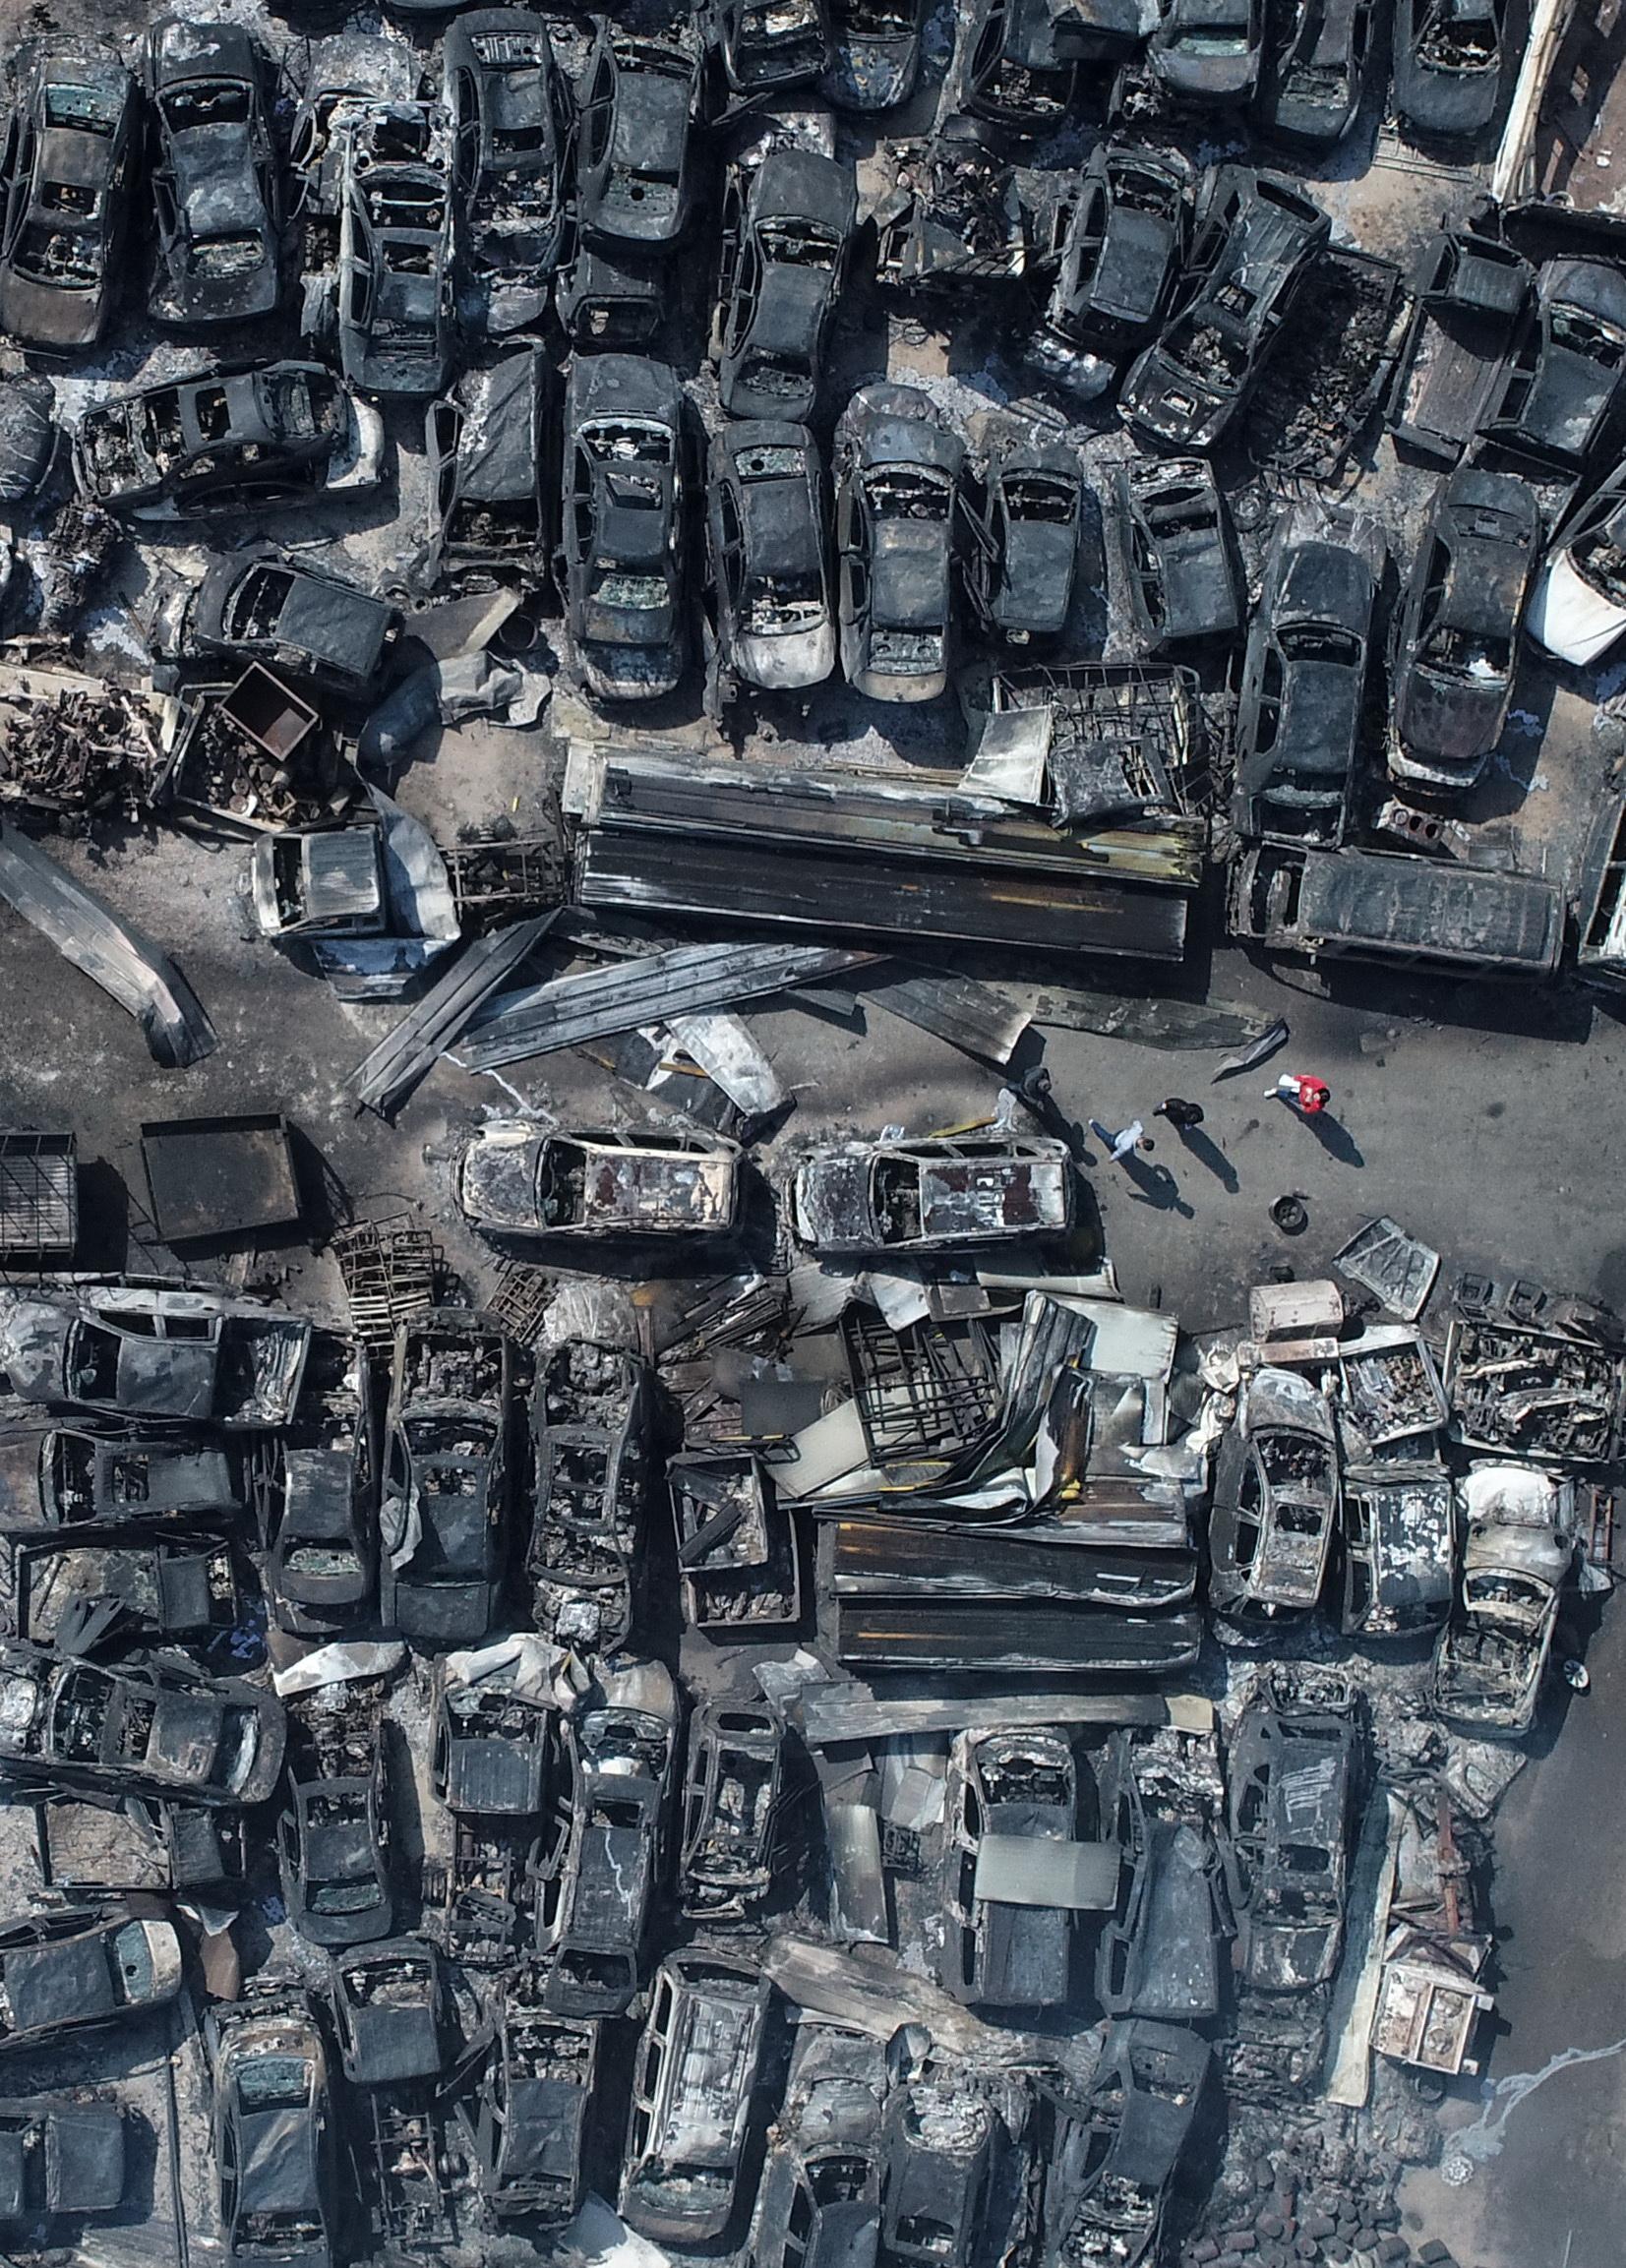 강원도 산불 이틀째인 5일 오전 속초시의 한 폐차장에 주차됐던 차량들이 전소돼 뼈대만 남았다.[연합뉴스]